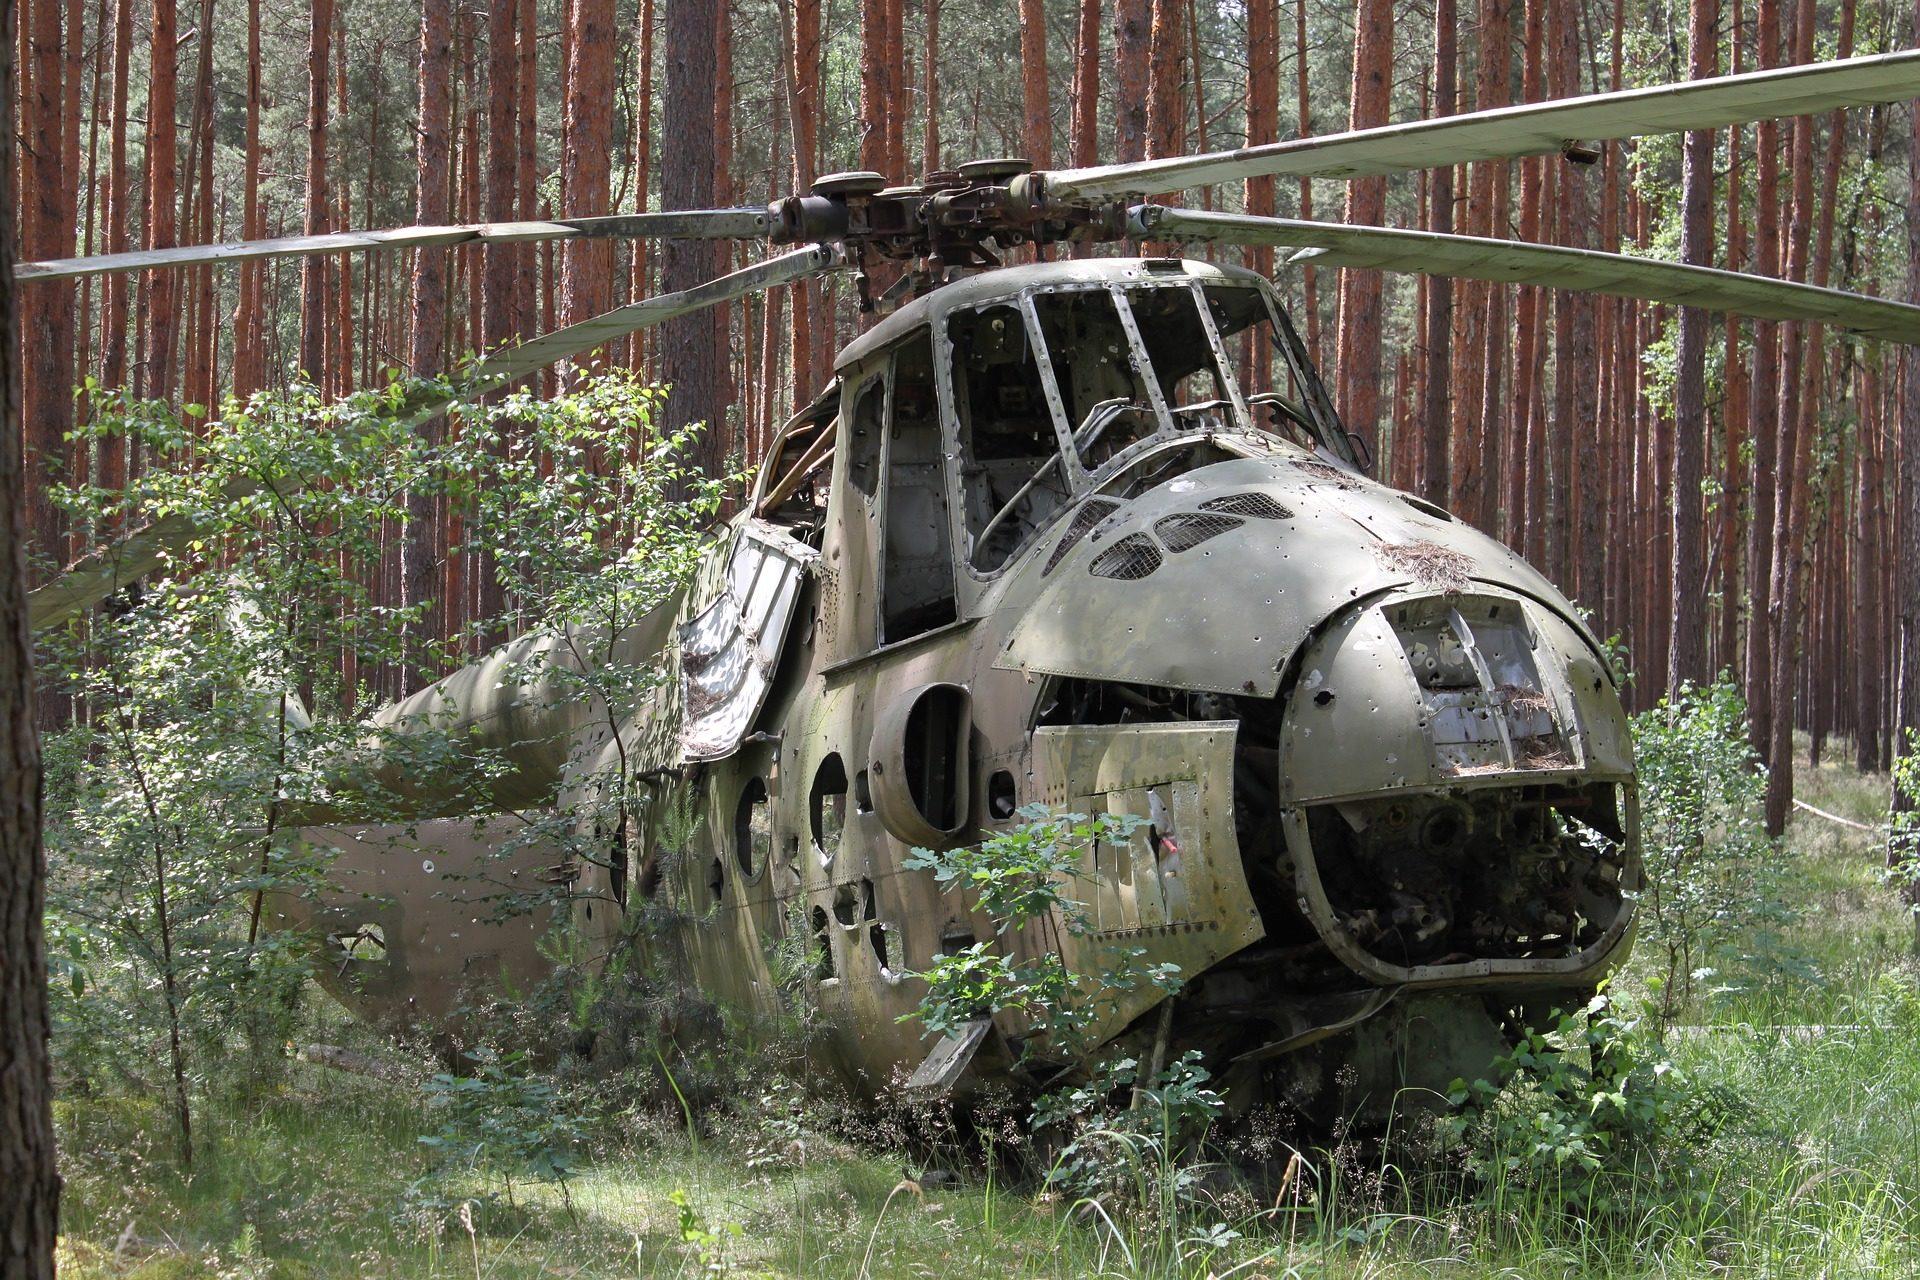 hélicoptère, militaire, guerre, Forest, abandonné - Fonds d'écran HD - Professor-falken.com